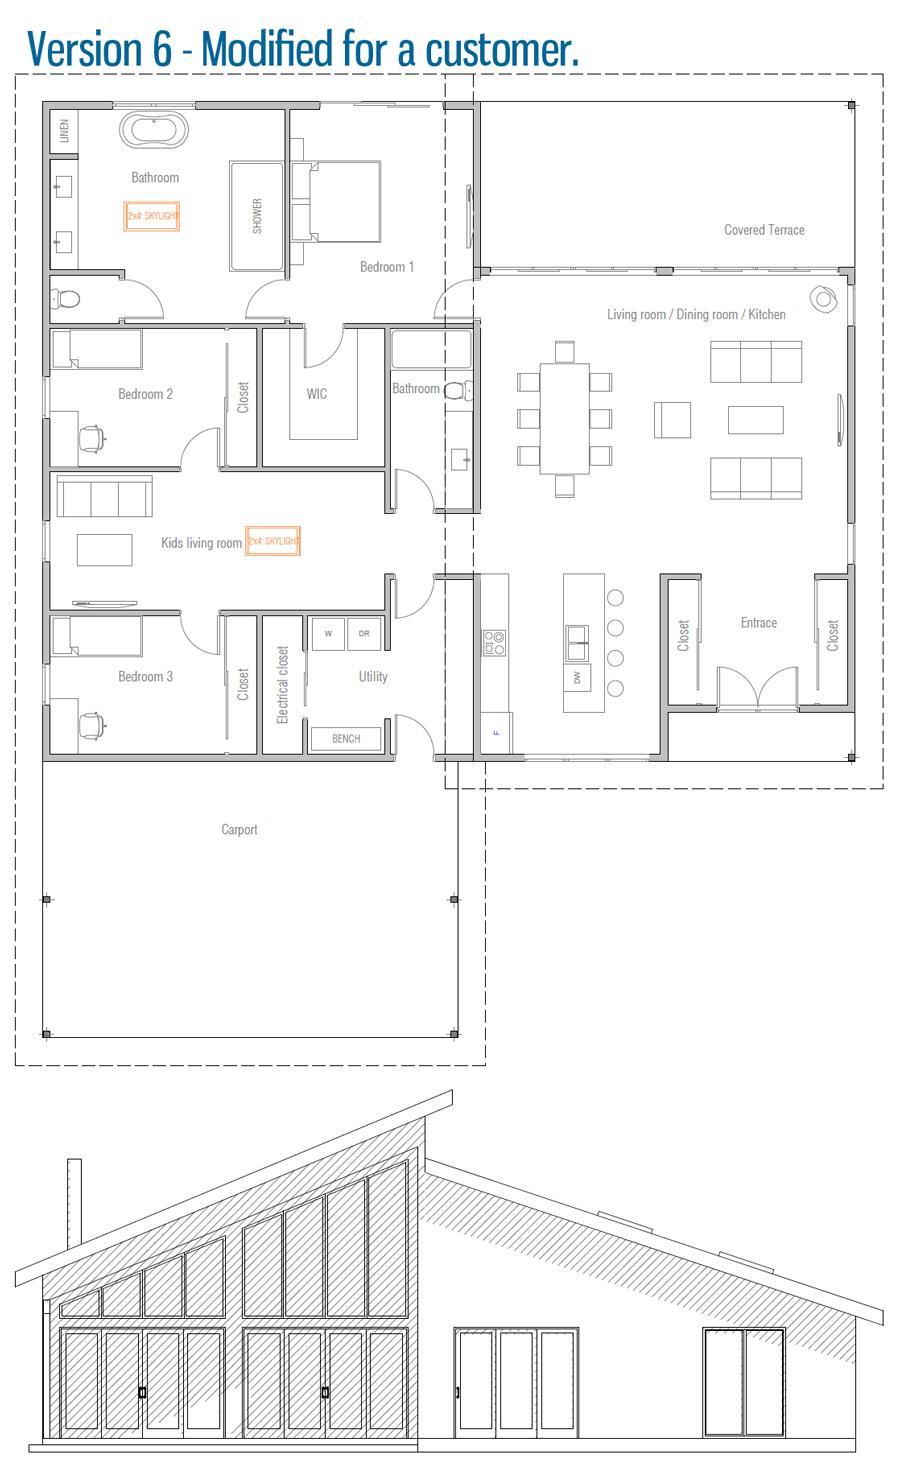 modern-houses_50_CH544_V6.jpg